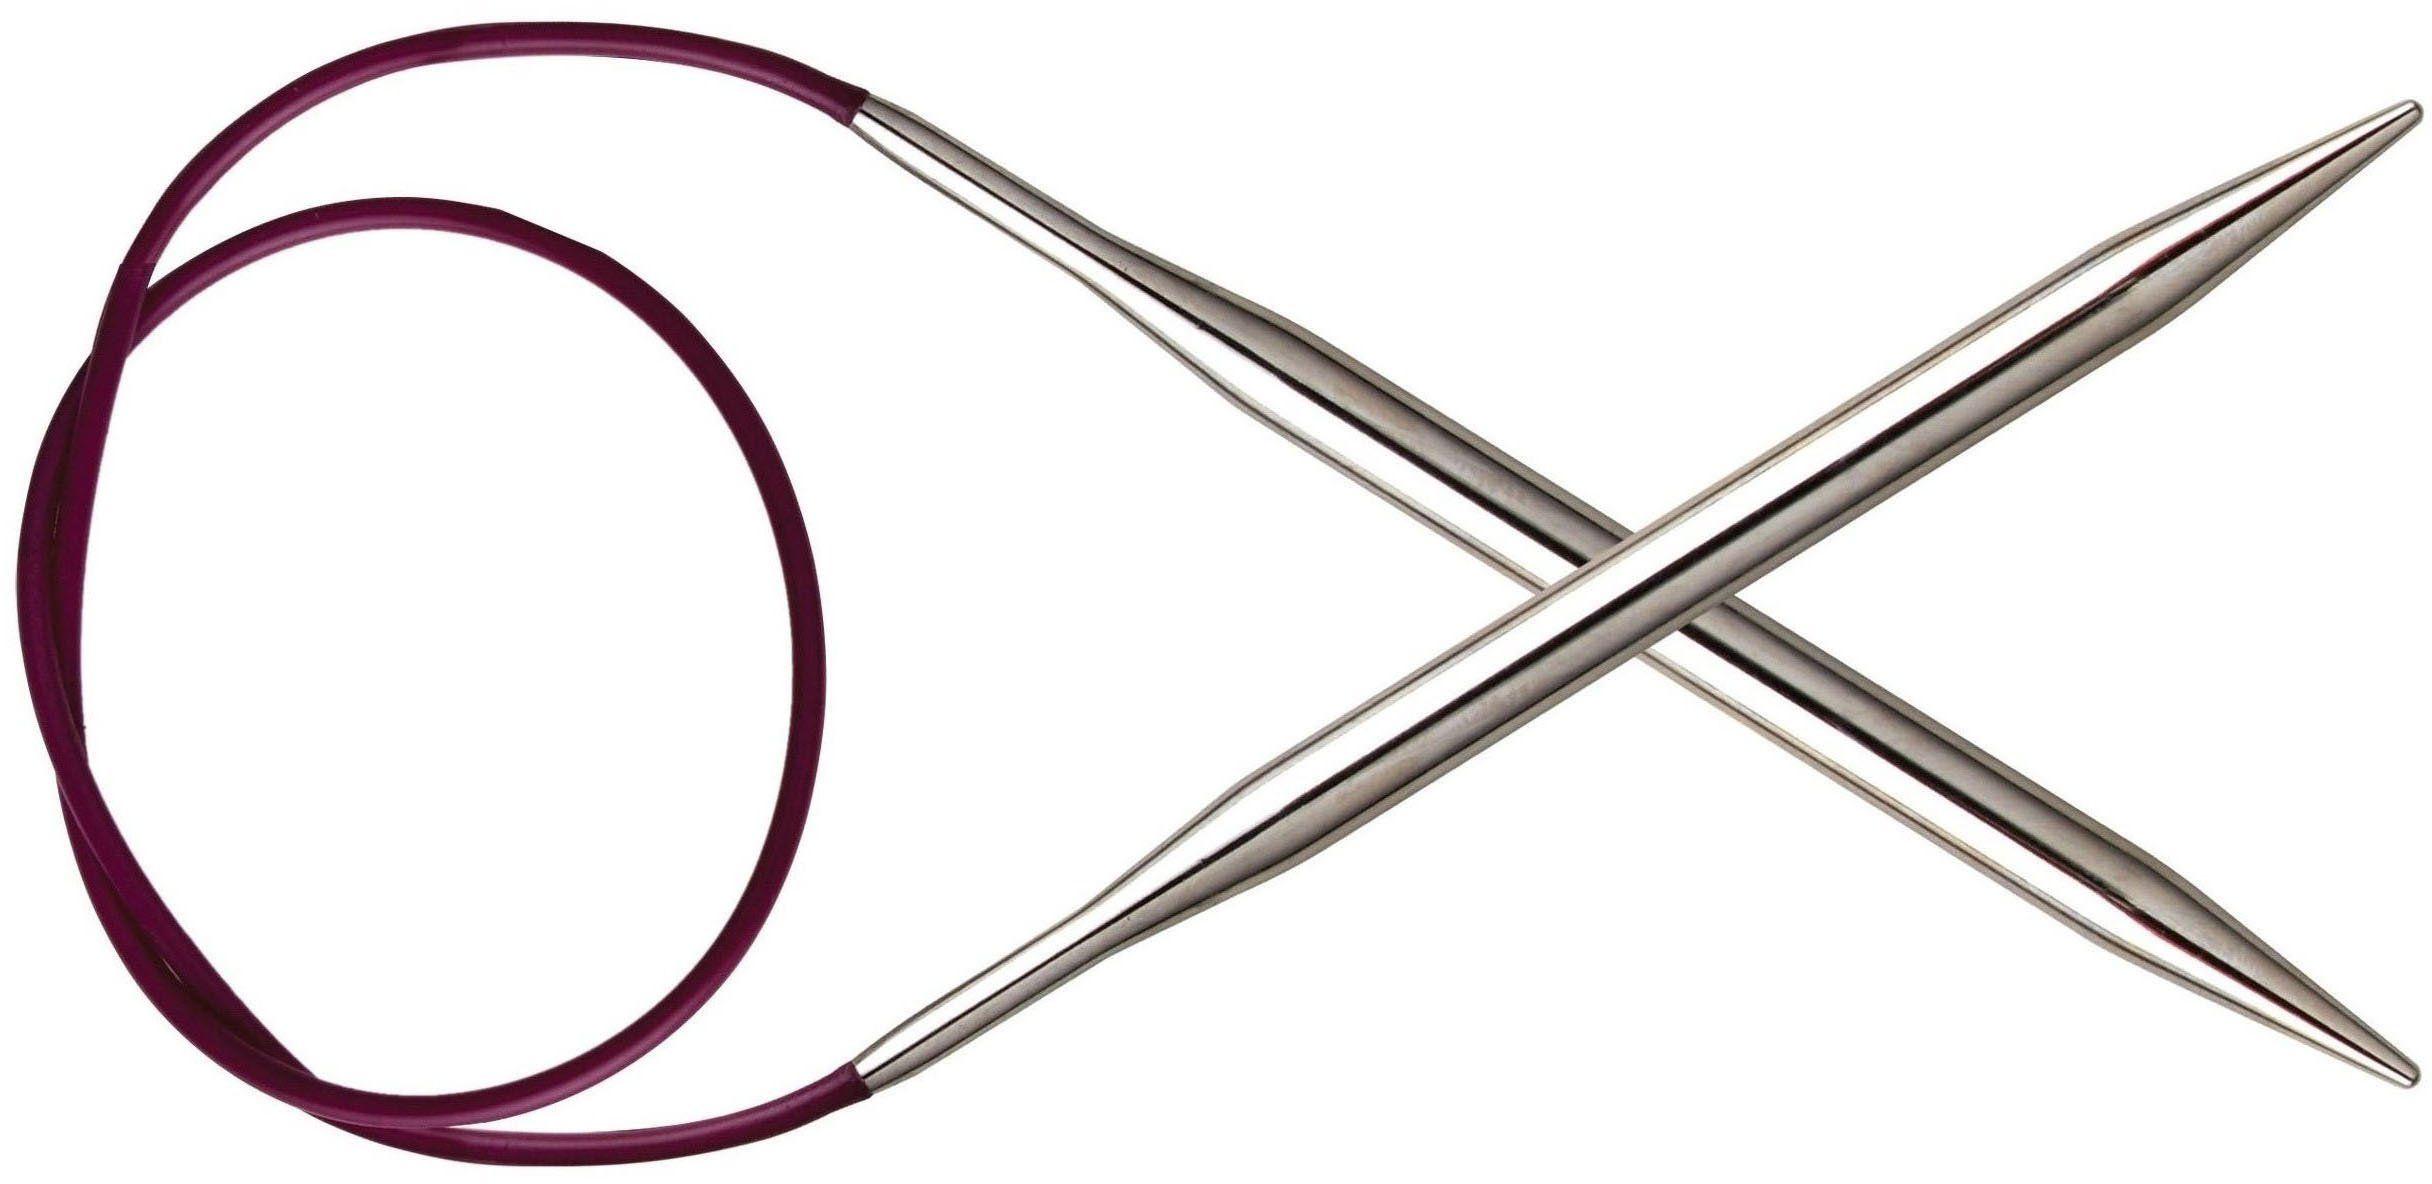 KnitPro Nova Metal: Szpilki dziewiarskie: Okrągły: Stały: 25 cm x 3,50 mm, galwanicznie pusty mosiądz, srebrny, 25 x 0,35 x 0,35 cm